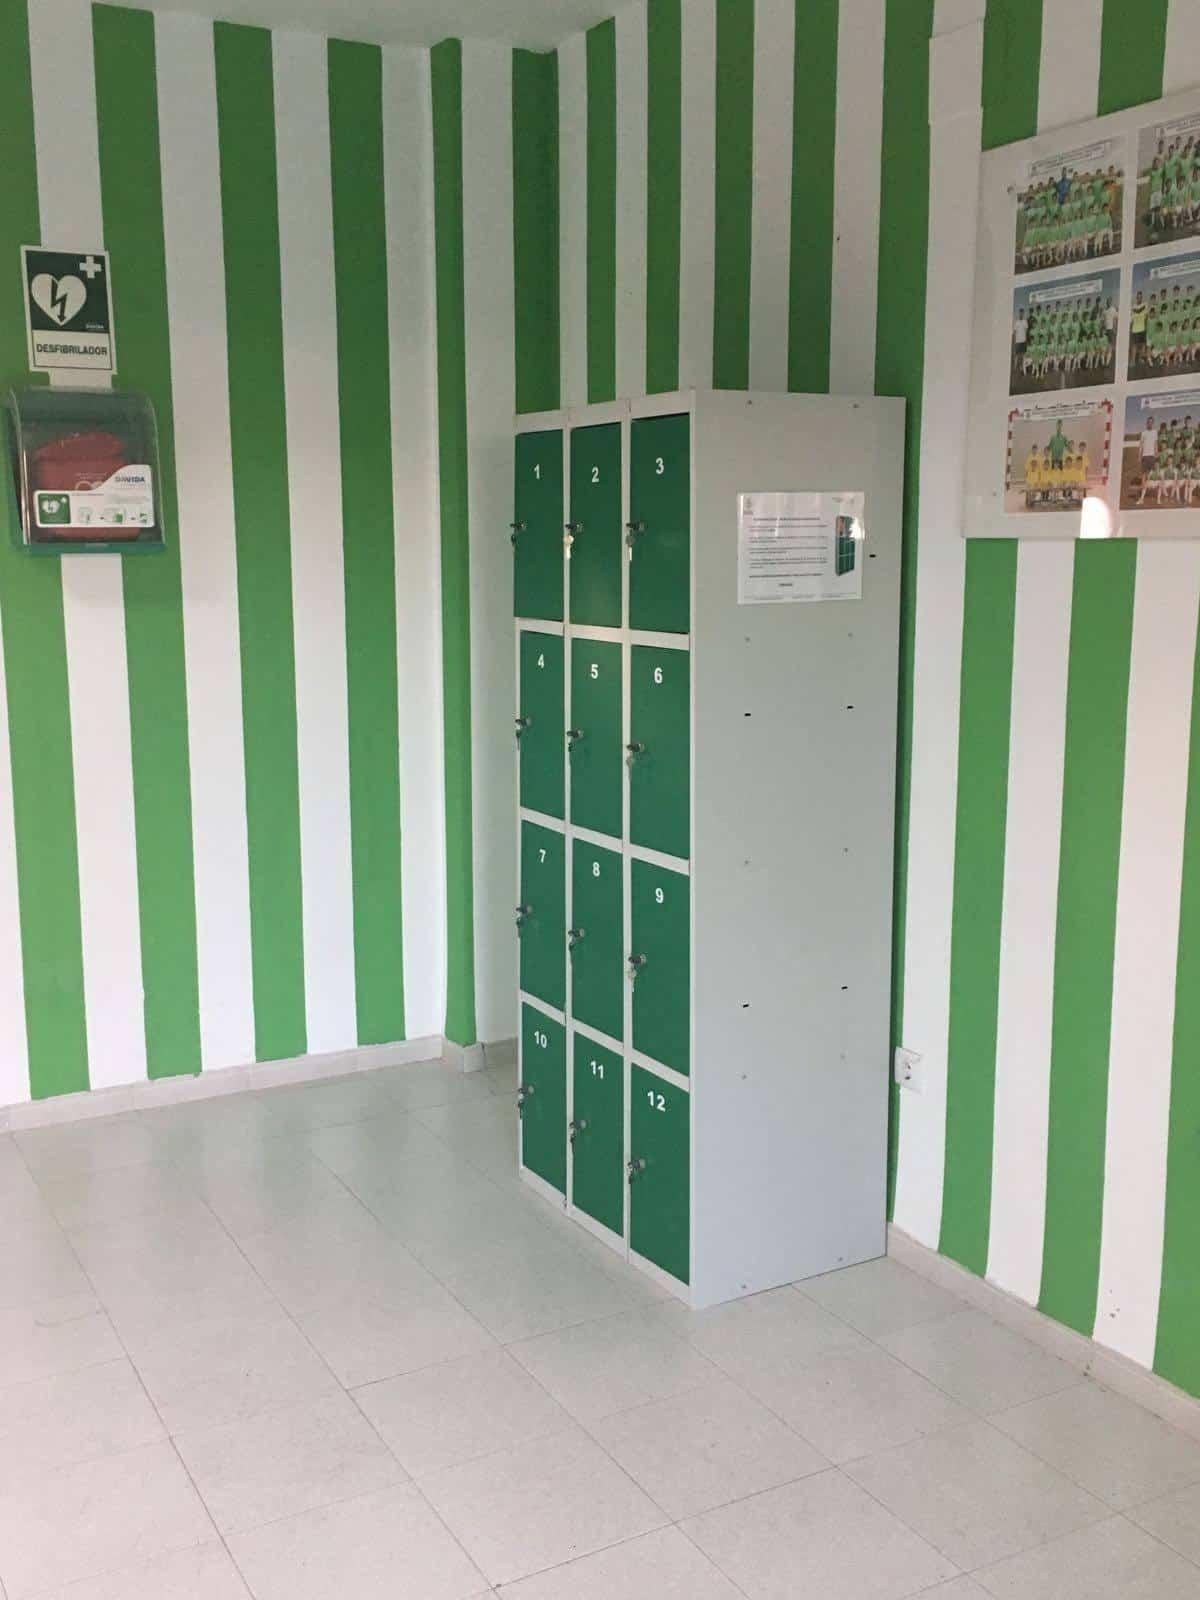 Instalación de taquillas en instalaciones deportivas 9